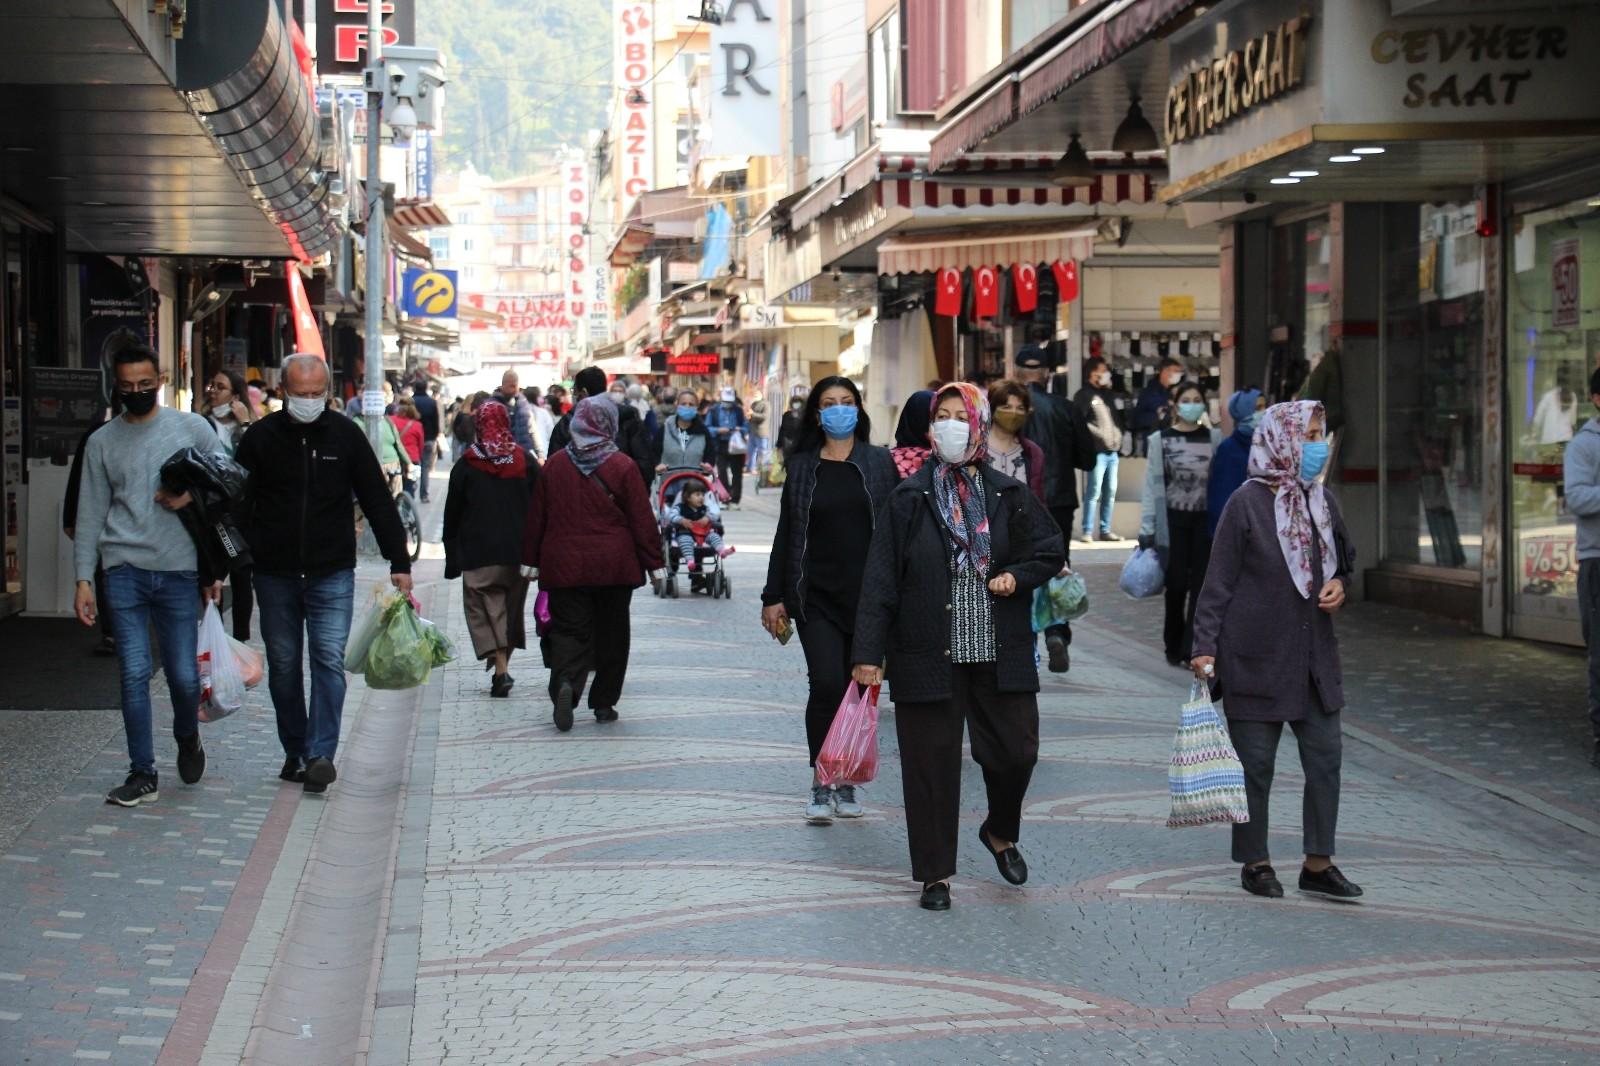 Aydın'da vaka sayıları korkutuyor: 2 ayda 6 kat arttı!